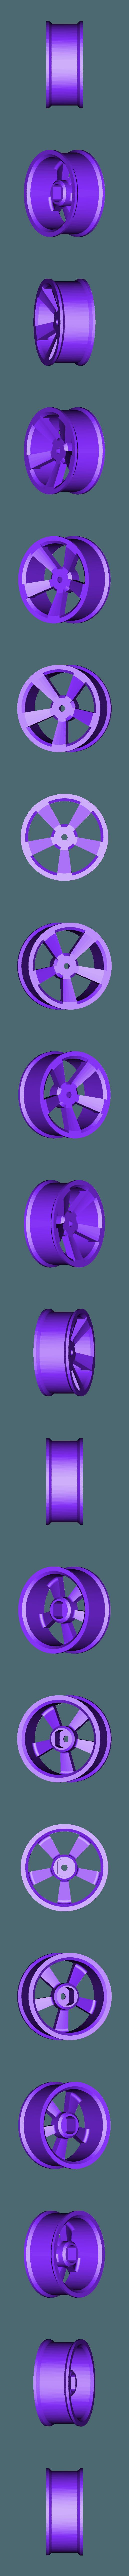 Truck_V4_Rim_Front.STL Download STL file 3D Printed Rc Truck V4 • 3D printable template, MrCrankyface